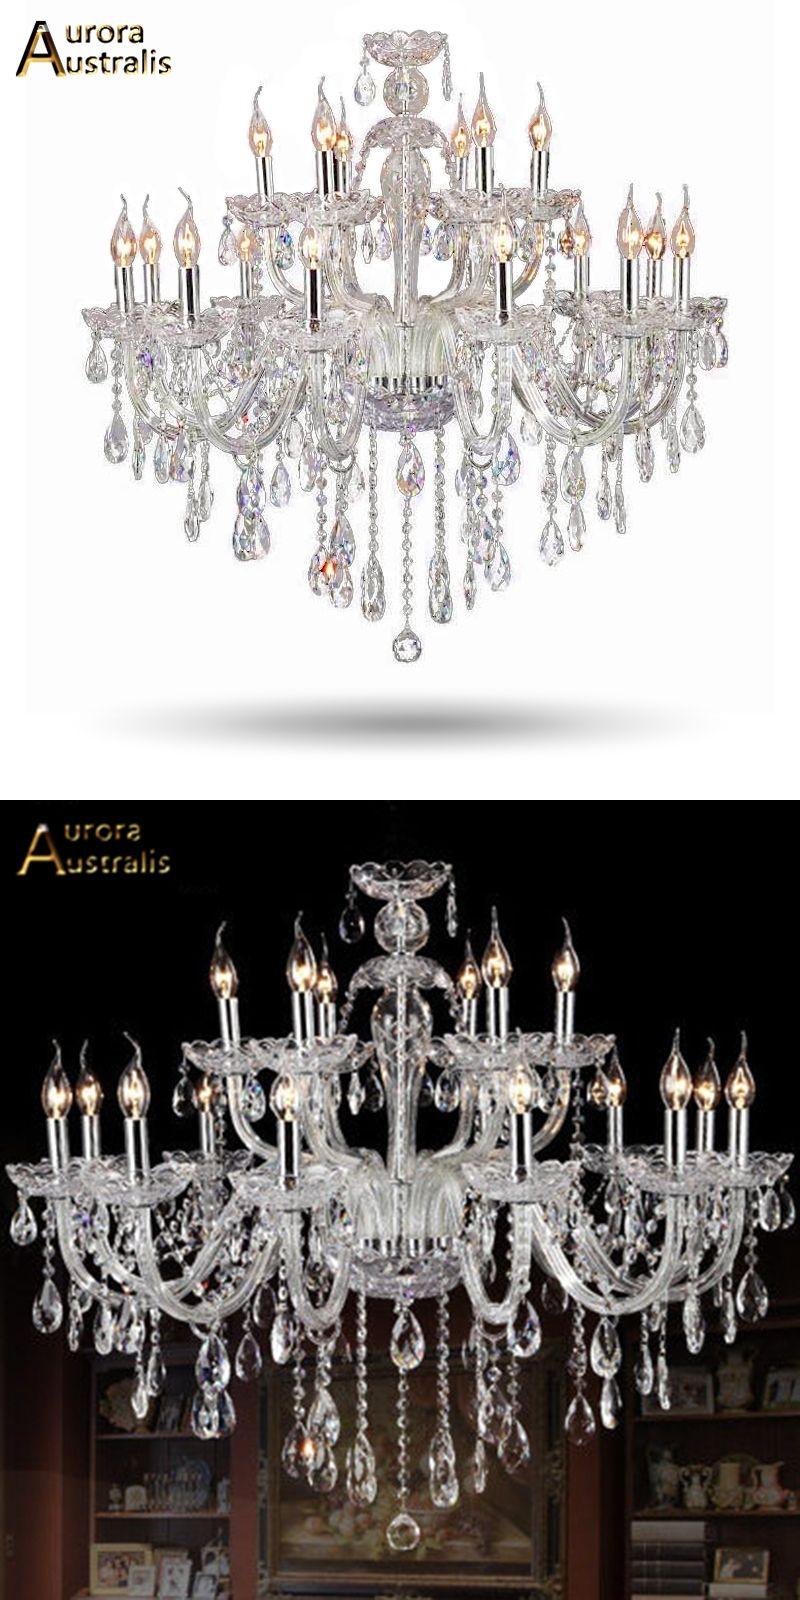 Luxus Kristall Wohnzimmer Lustre Sala De Cristal Moderne 18 Arm Leuchte  Hochzeit Dekoration Art Deco Lighting